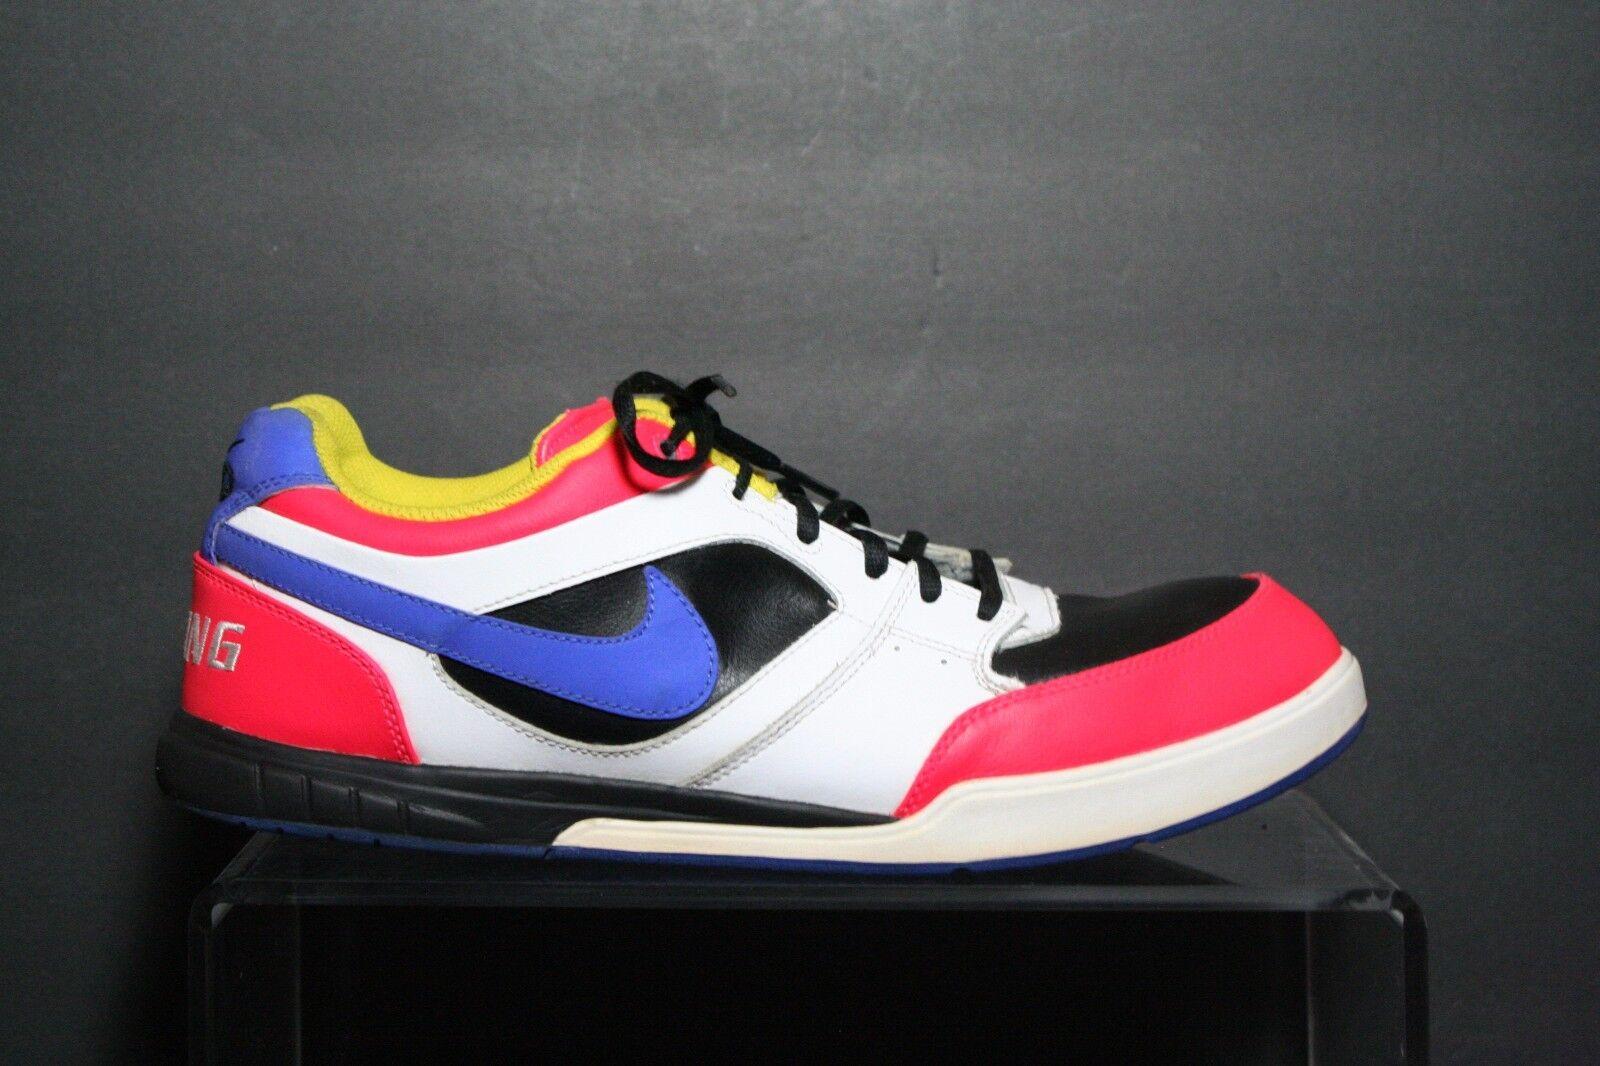 Nike zoom - 6,0 id seconda venuta pattinare multi atletico - neon uomini 13 atletico multi hip rari 483e99